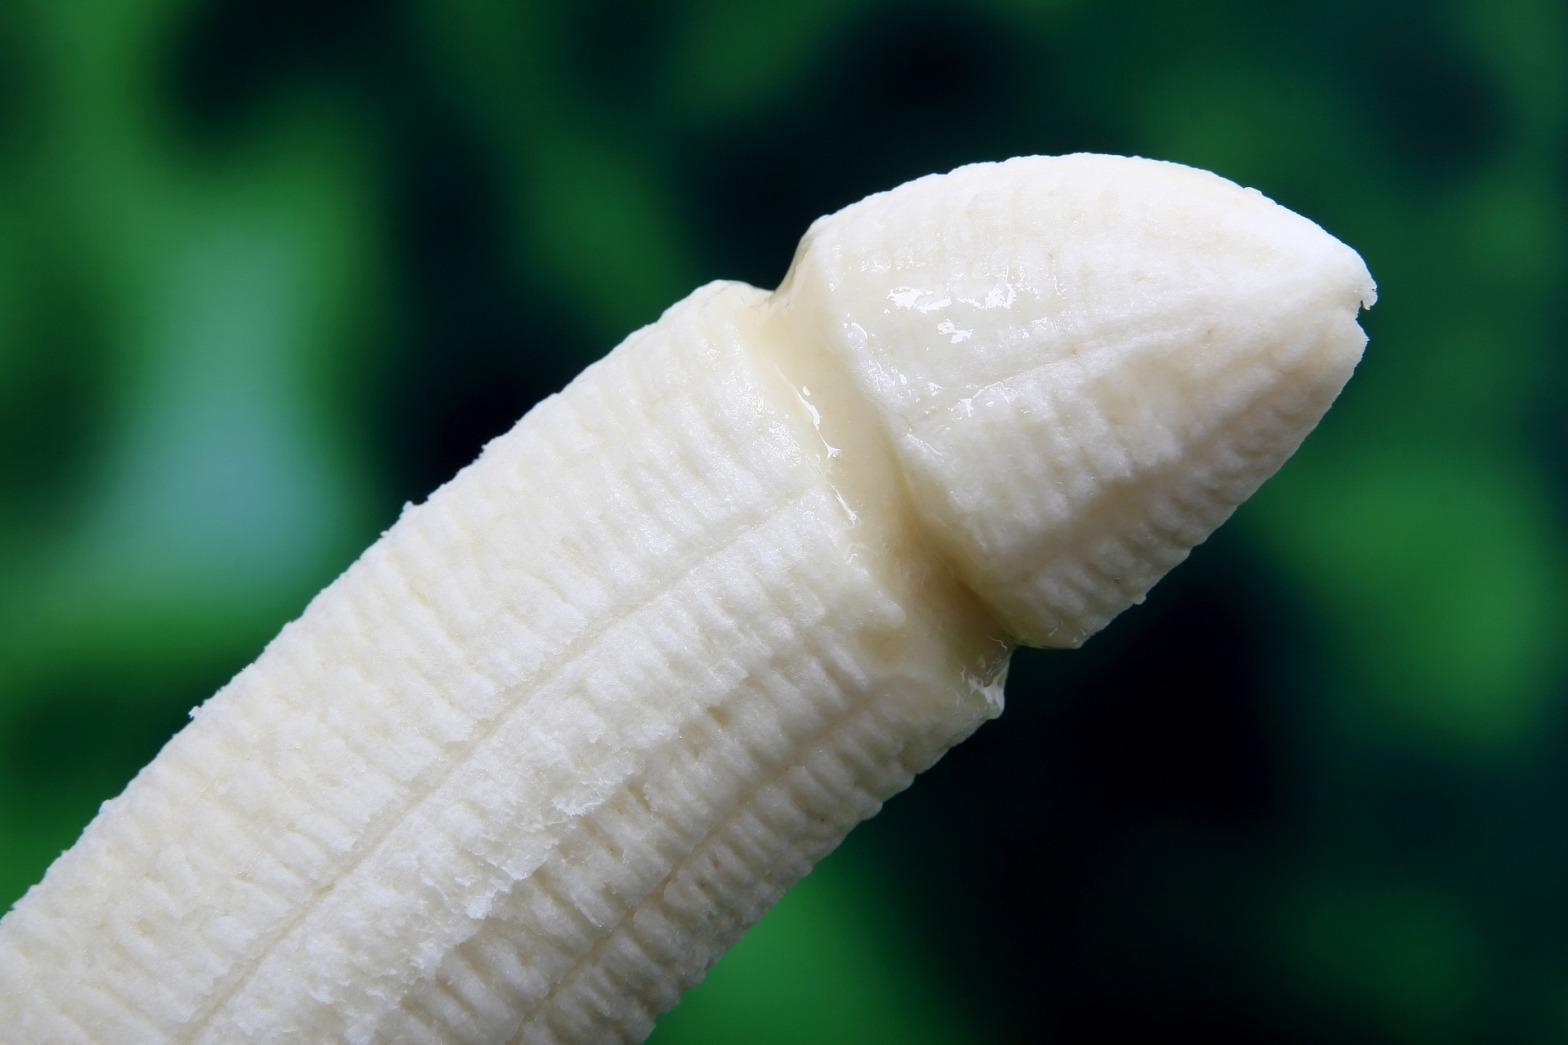 fotopollas, fotopenes plátano con forma de pene, plátano sexual, sex penis dick, machismo, redes sociales, social media, arassement, acoso